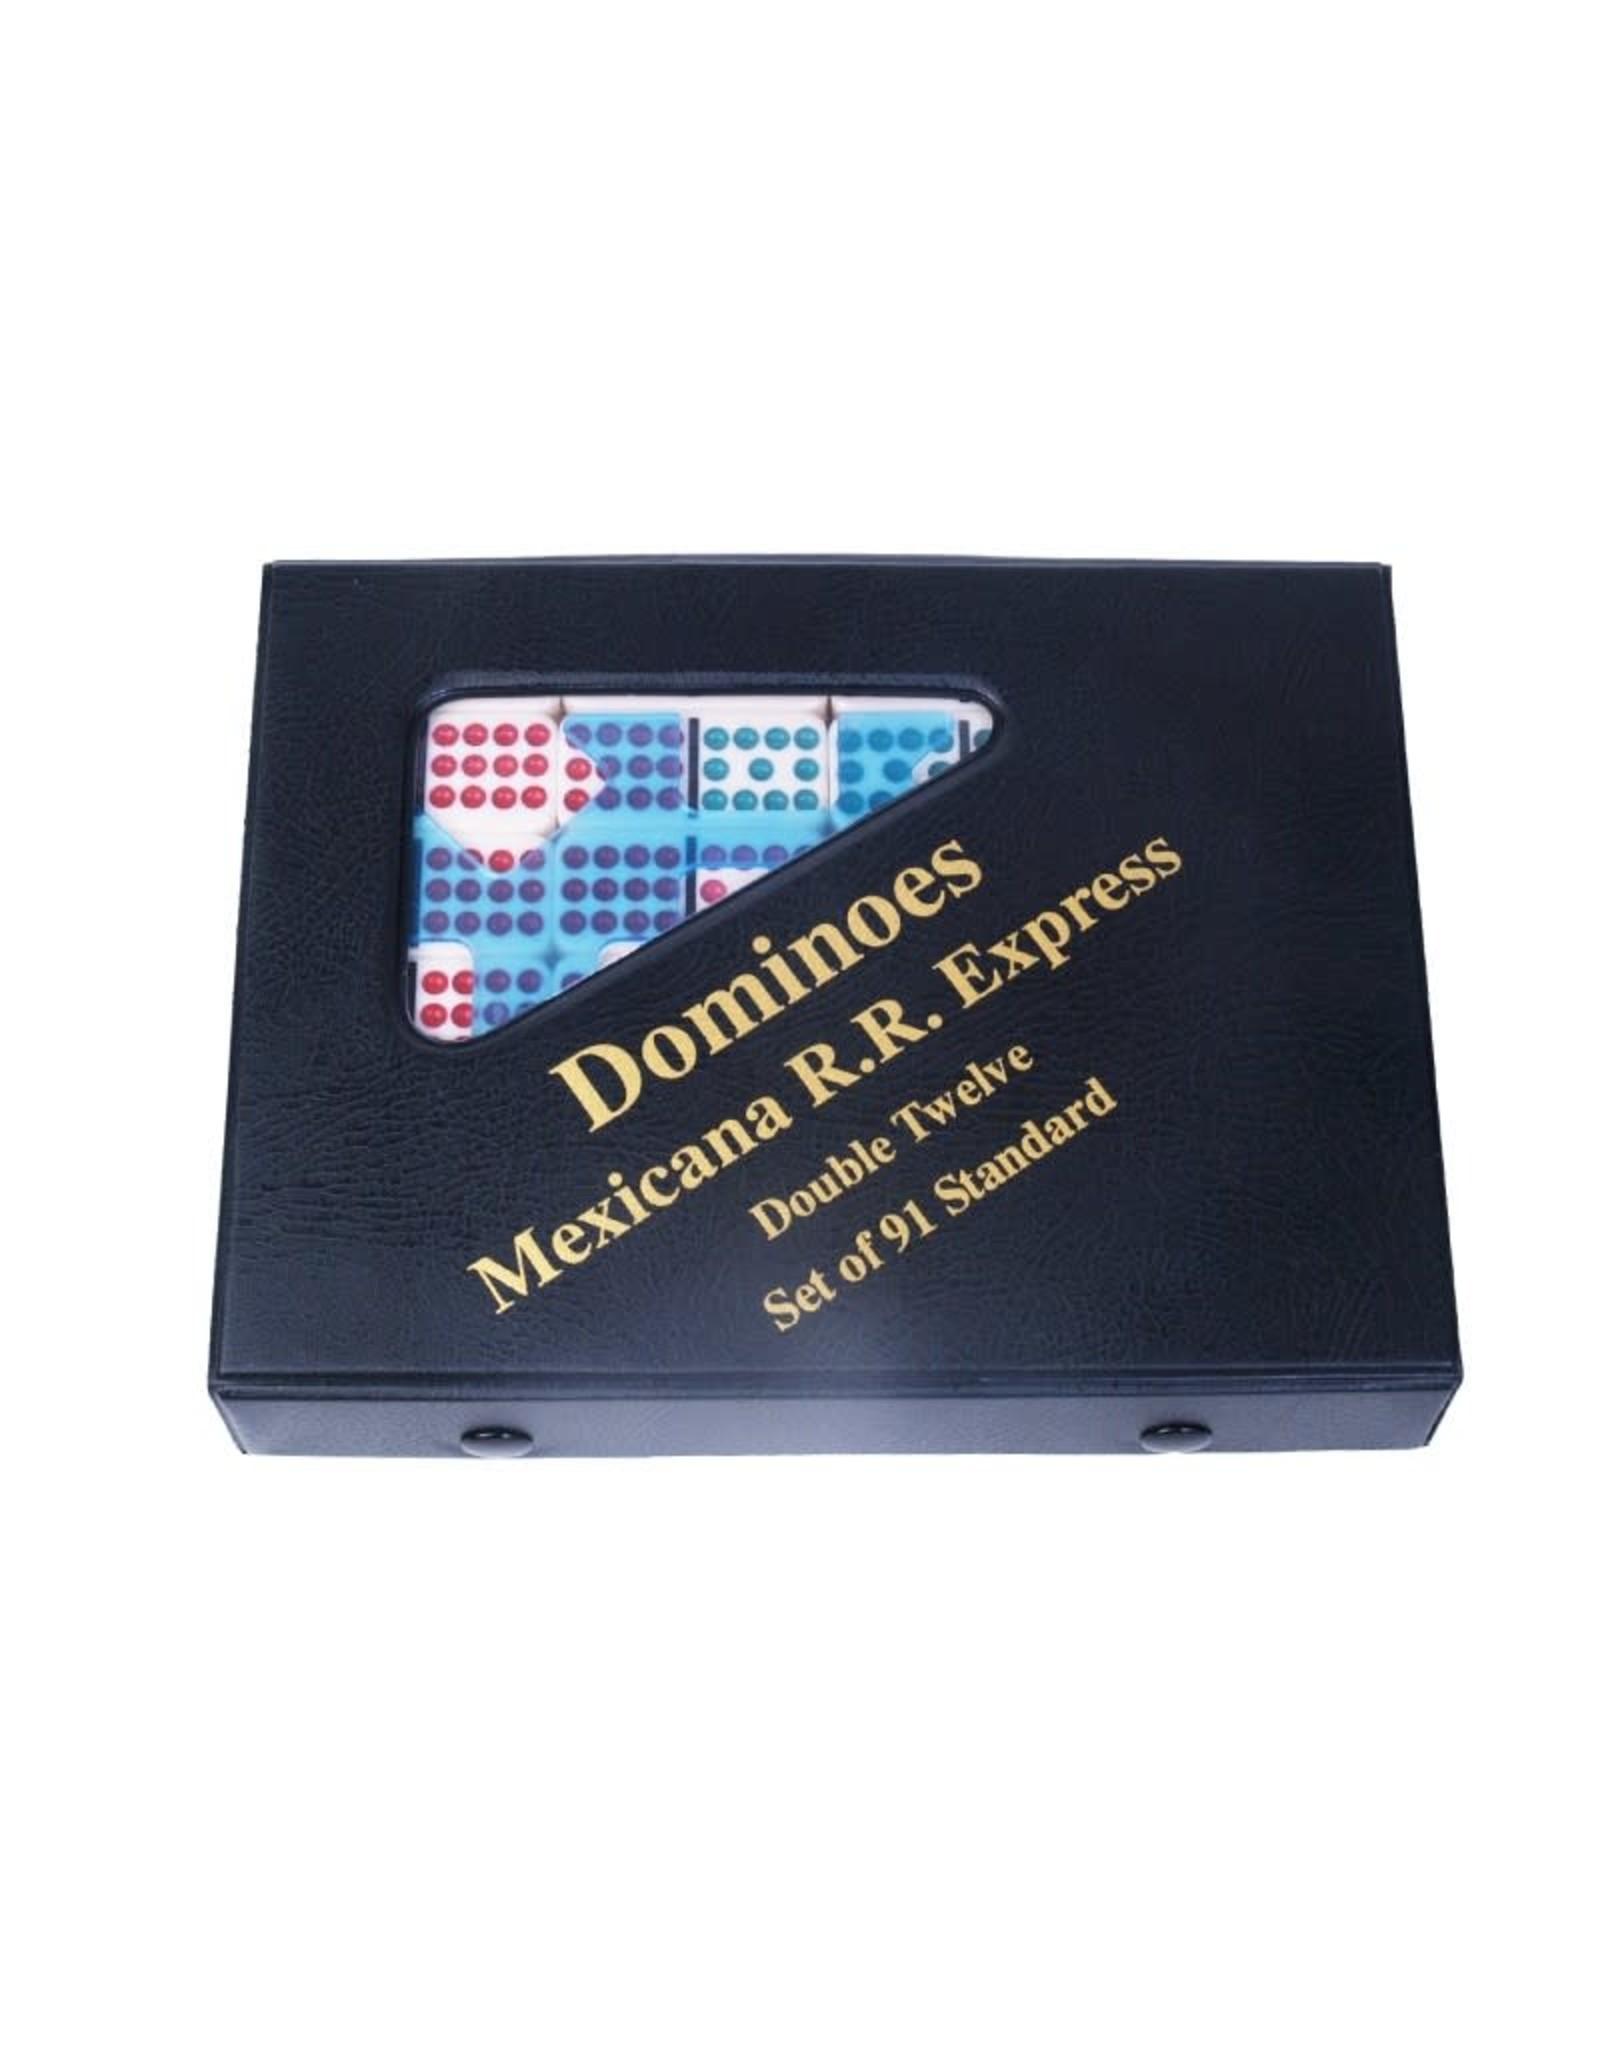 John Hansen Double-Twelve Mexican Train Dominoes Set